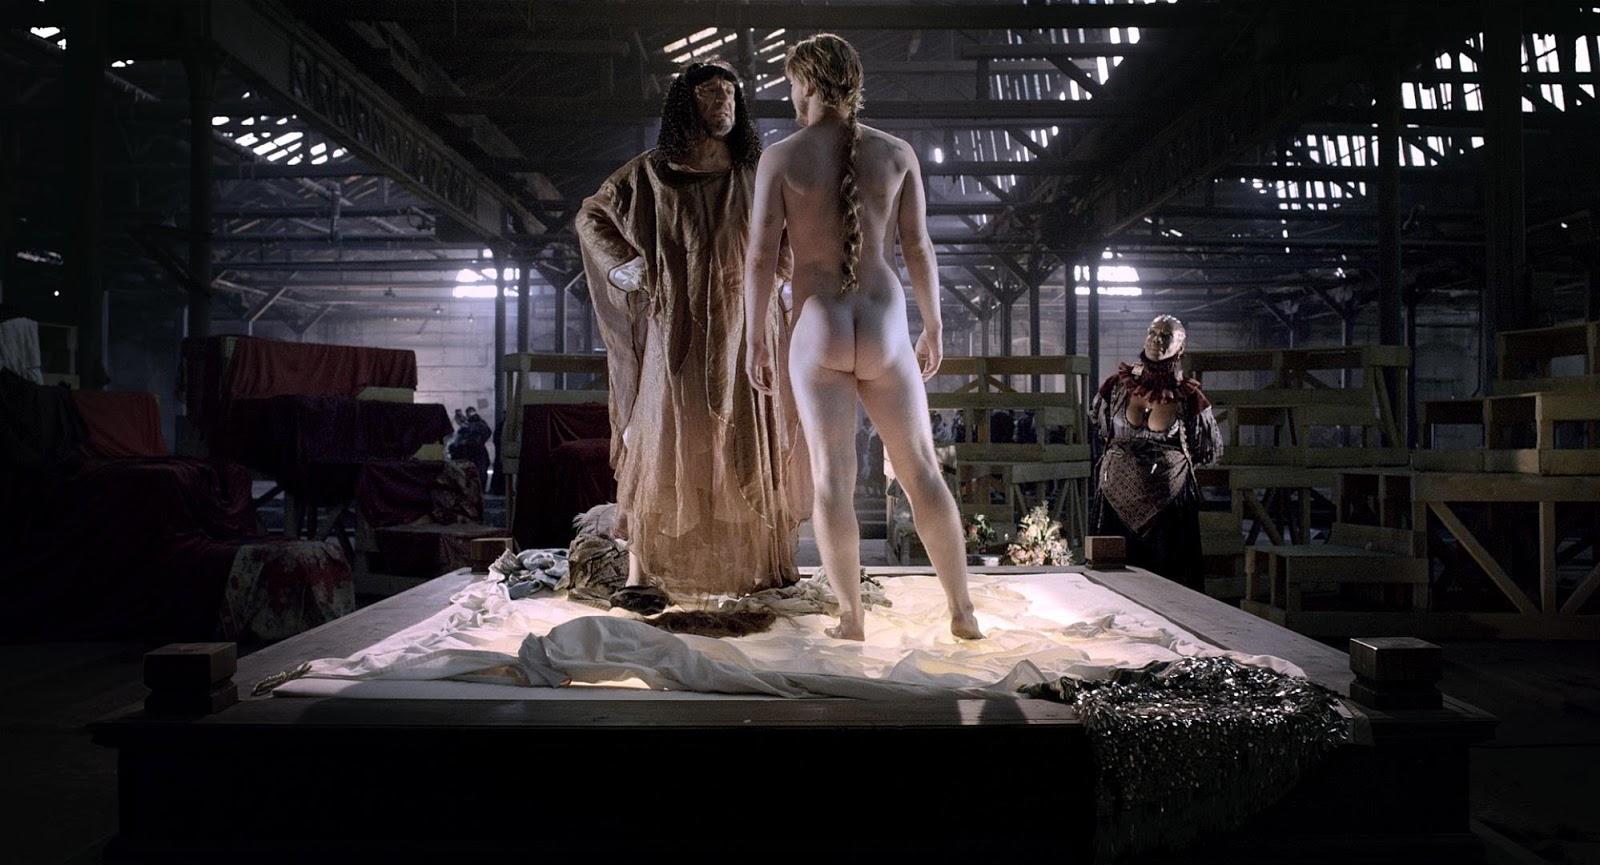 La lucida pornografia pittorica del cinema di Peter Greenaway